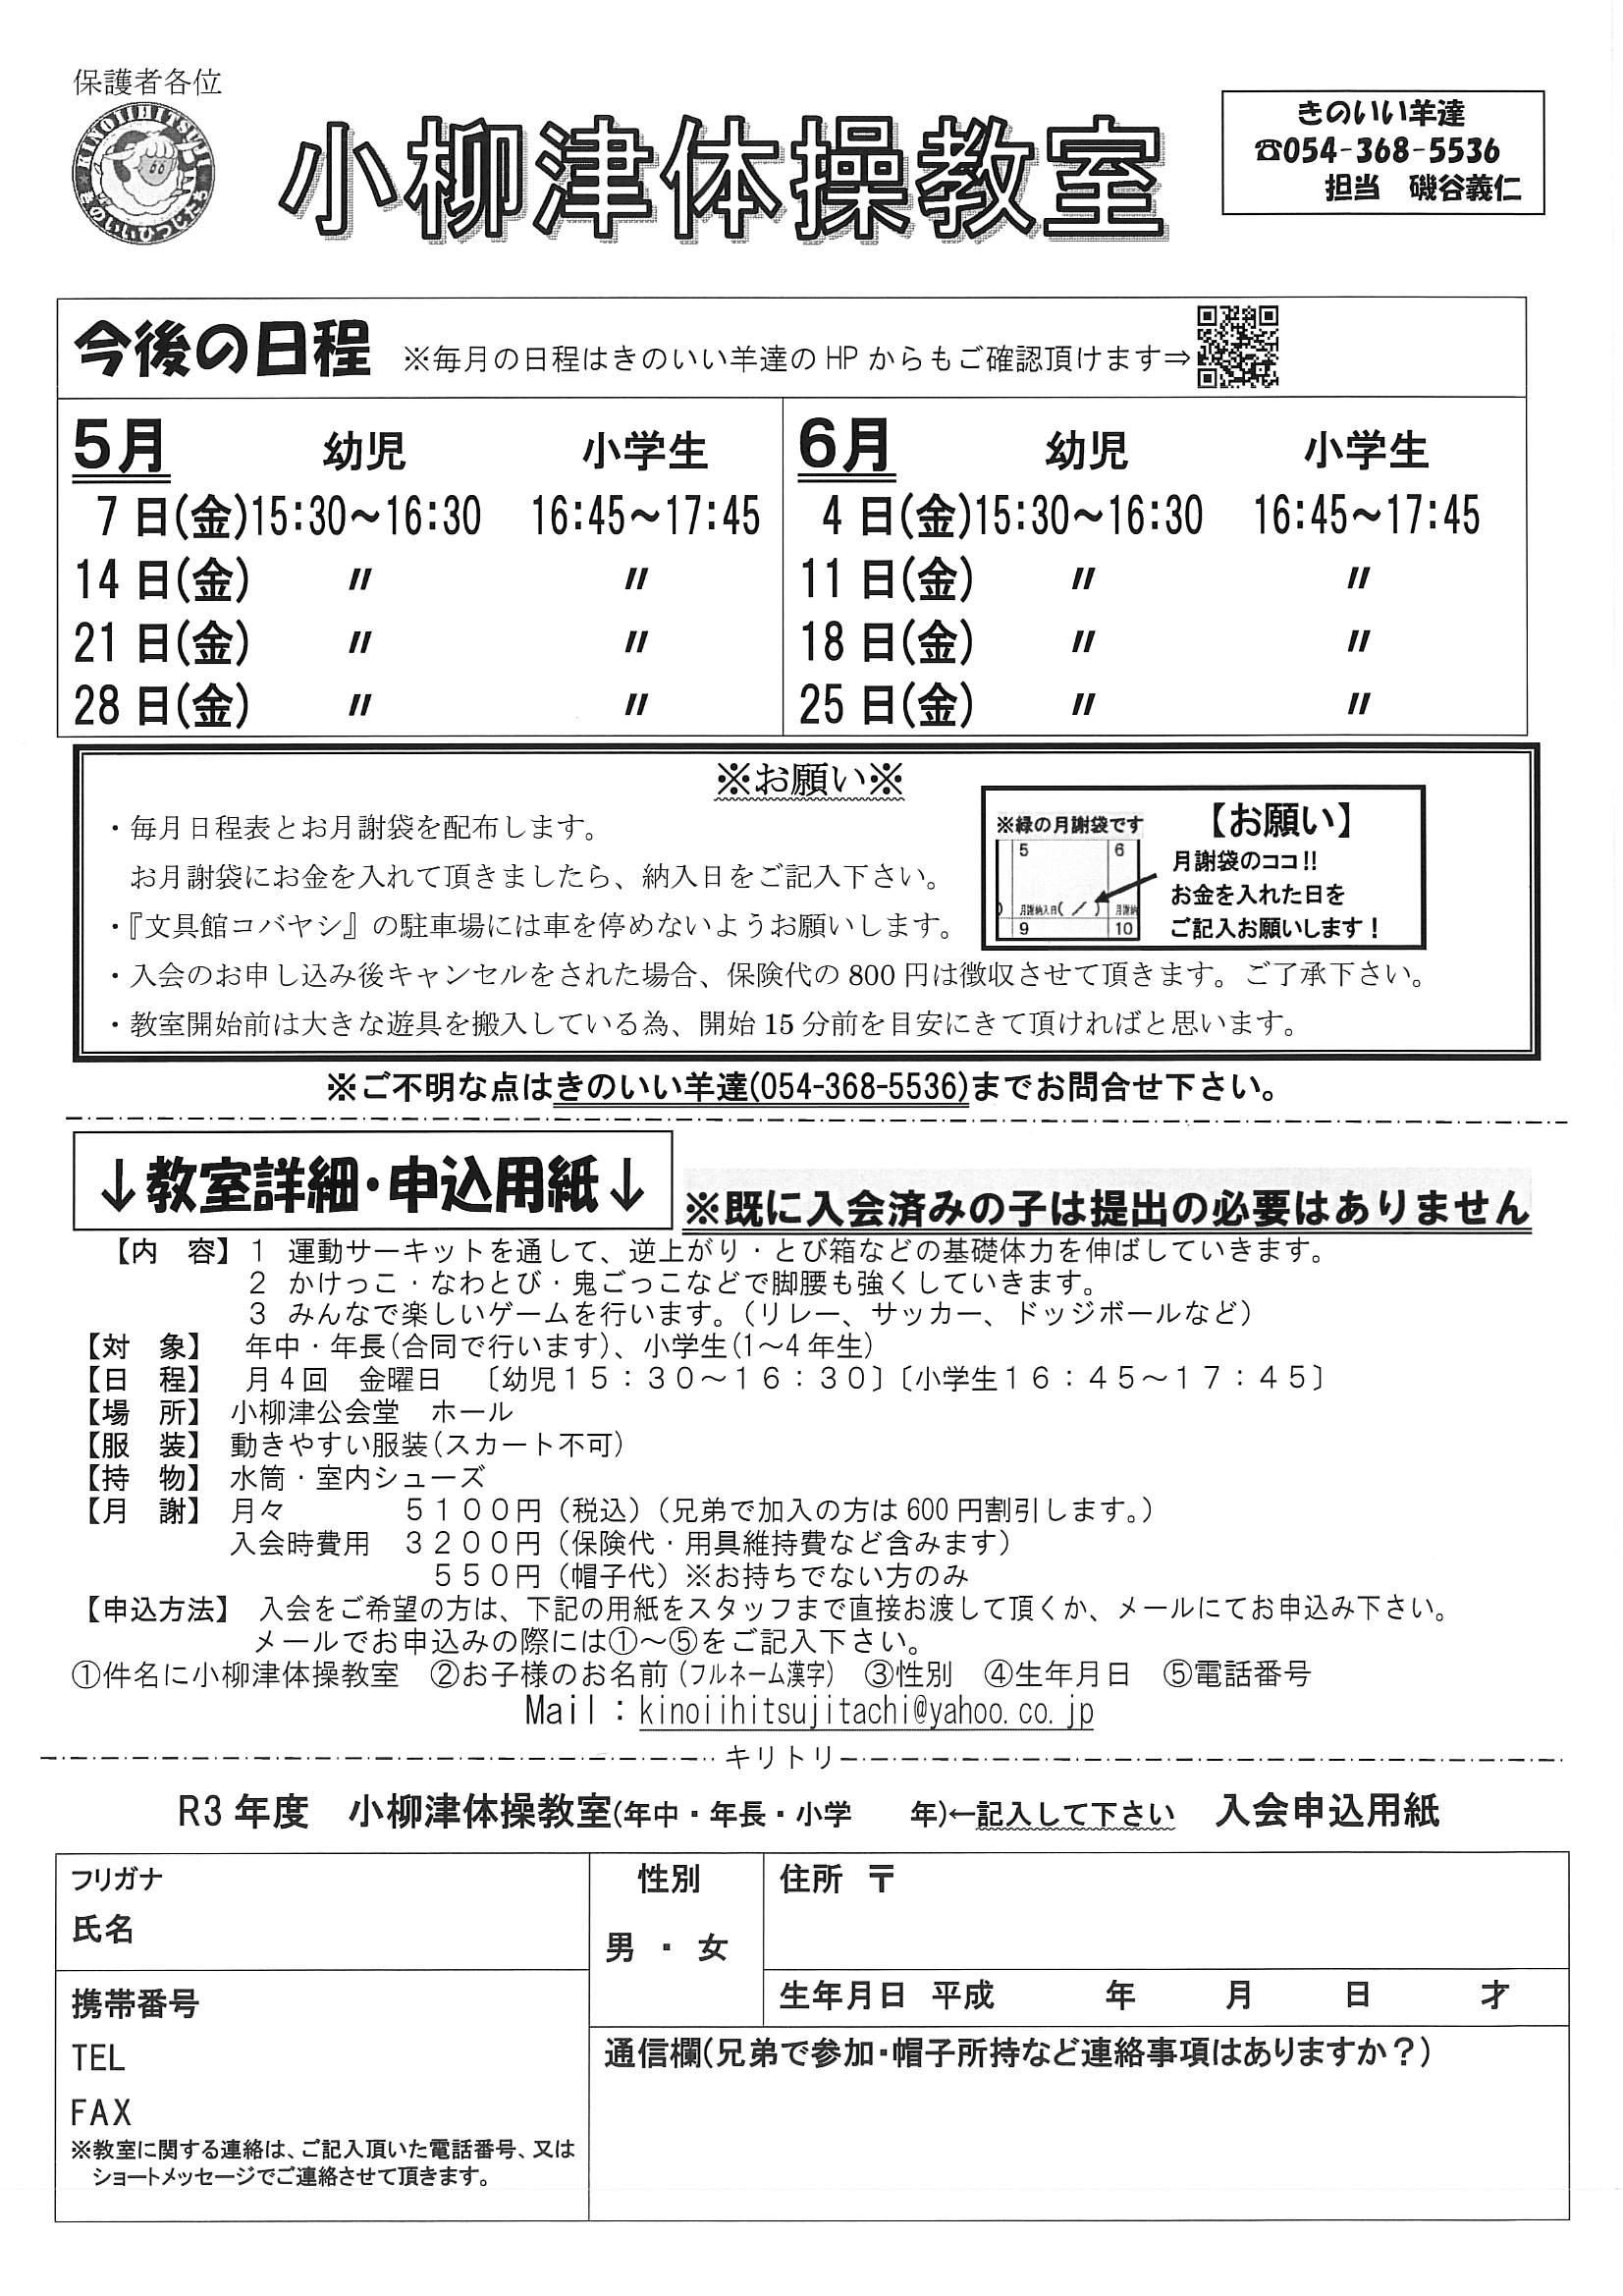 焼津 小柳津教室